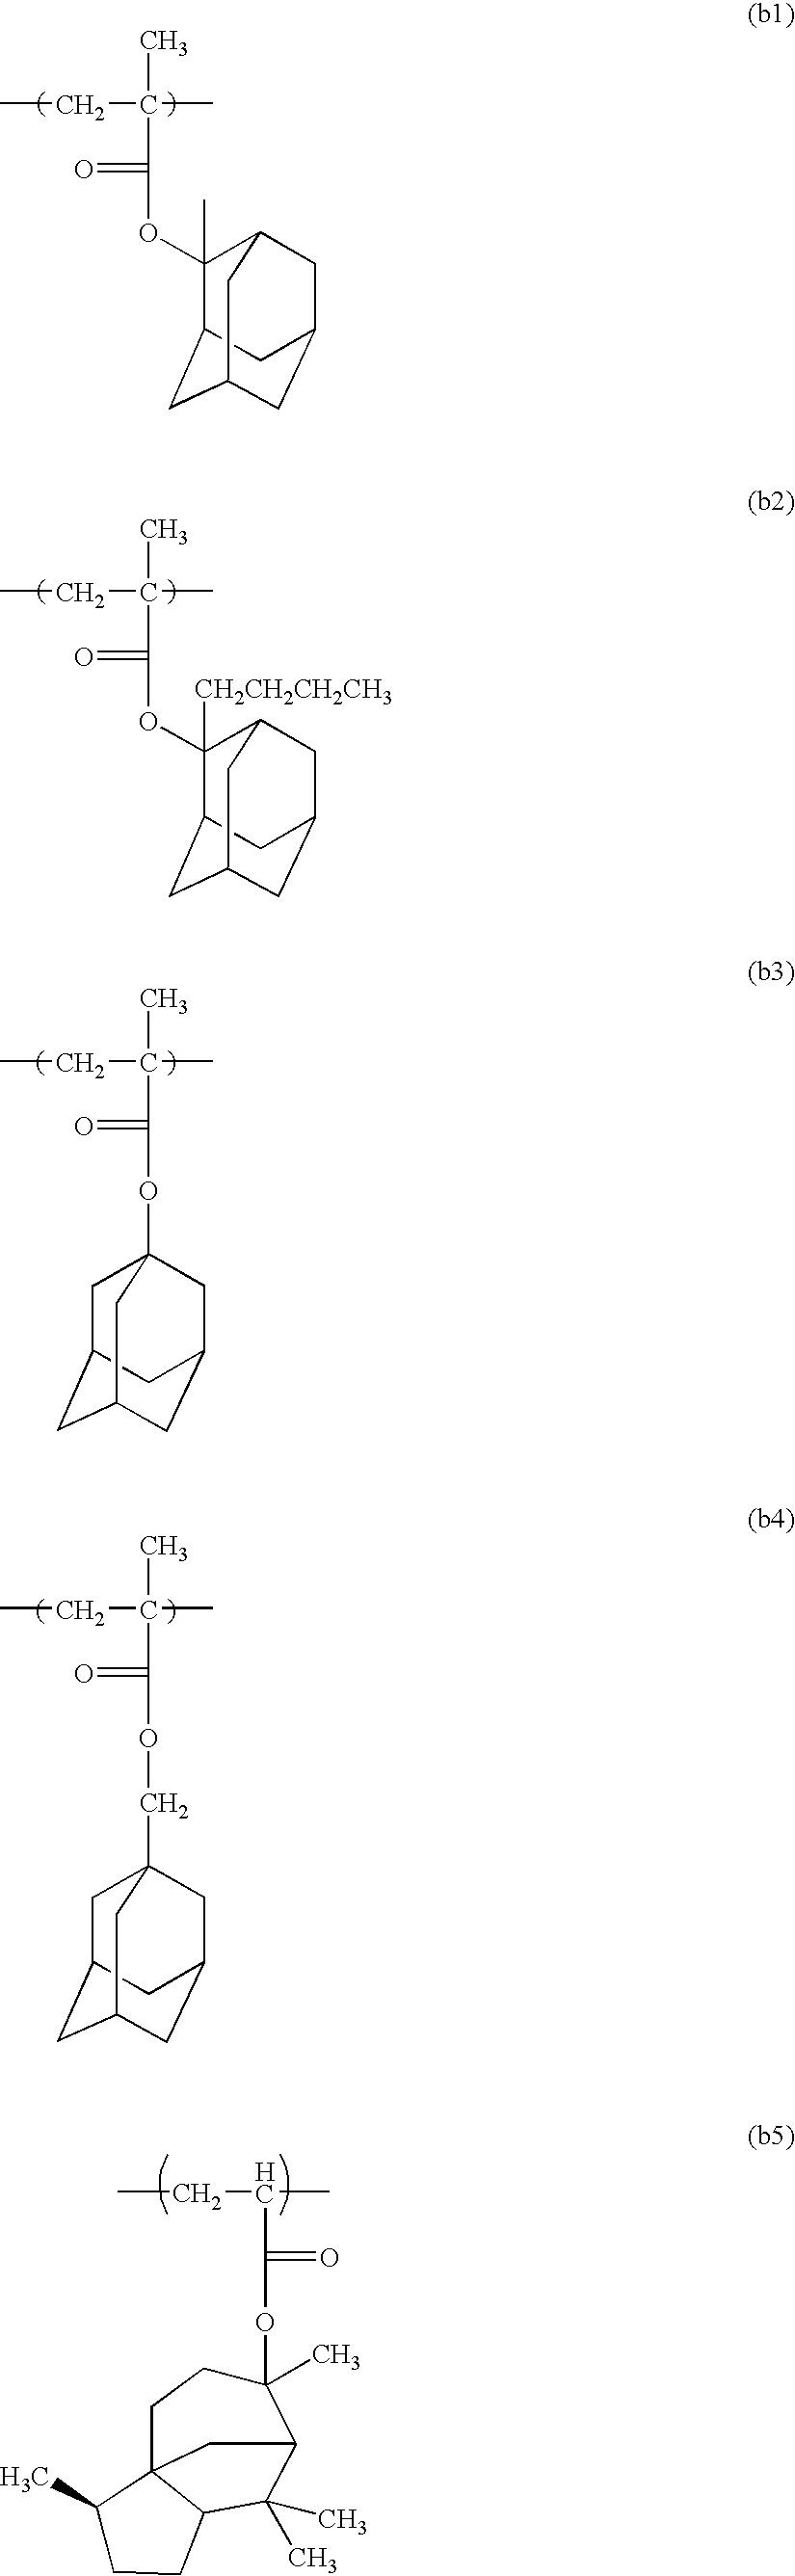 Figure US20070003871A1-20070104-C00064